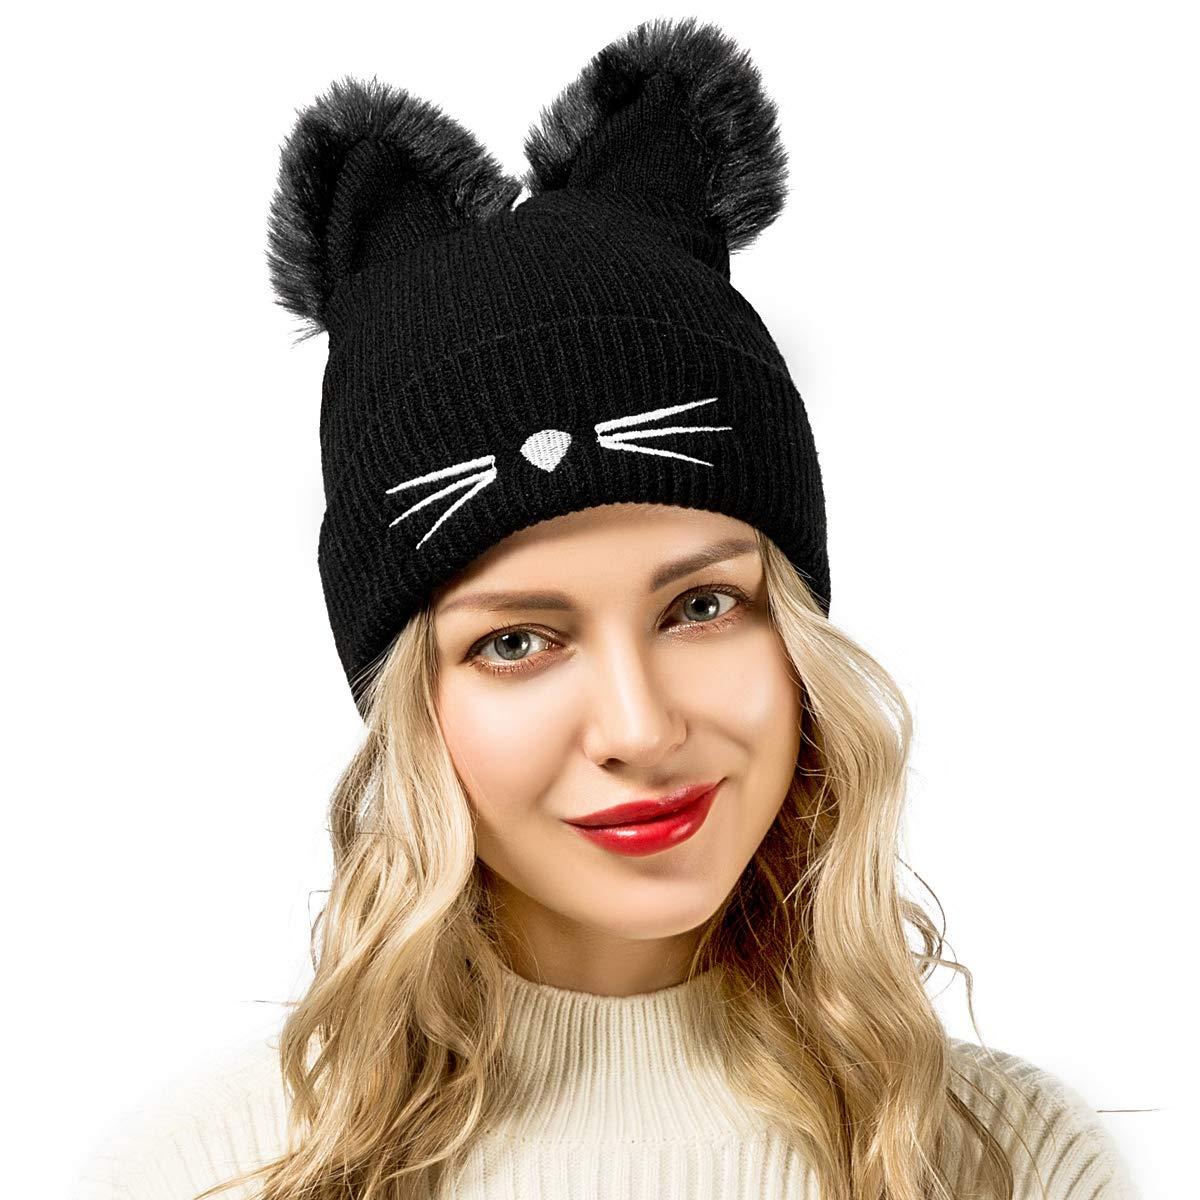 Flowomen Winter Hats for Women Cute Cat Ear Hat with Embroidered Warm Knit Crochet Women\'s Slouchy Beanie Hat Ski Cap (Black)